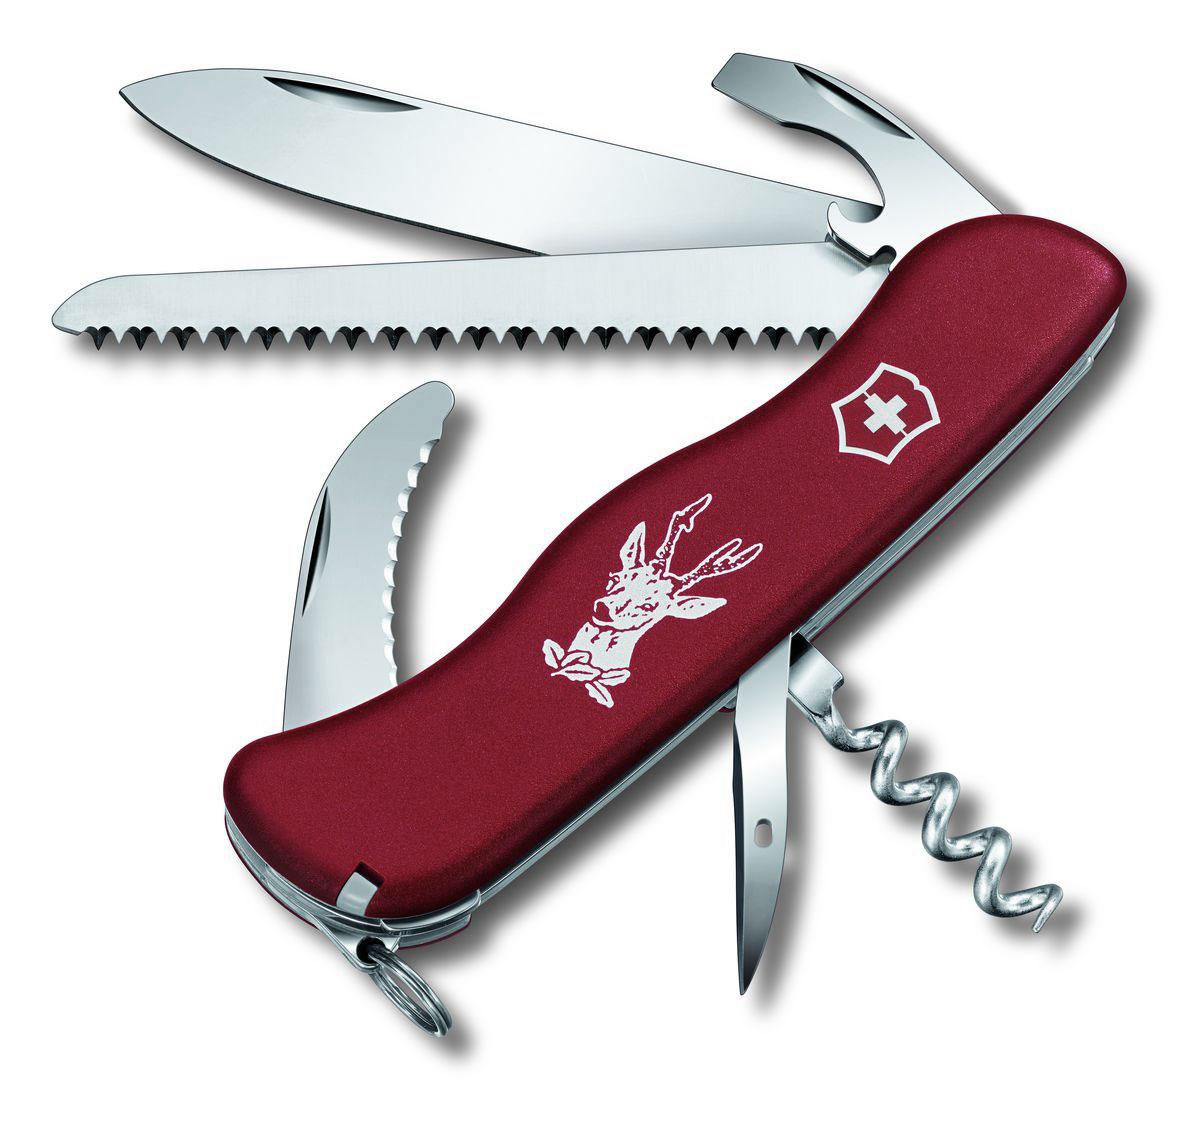 Нож перочинный Victorinox Hunter, цвет: красный, 12 функций, 11,1 см0.8873Лезвие перочинного складного ножа Victorinox Hunter изготовлено из высококачественной нержавеющей стали. Ручка, выполненная из прочного пластика, обеспечивает надежный и удобный хват. Хорошее качество, надежный долговечный материал и эргономичная рукоятка - что может быть удобнее на природе или на пикнике! Функции ножа: Фиксирующееся лезвие. Штопор. Пила по дереву. Лезвие для разделки туш. Универсальный инструмент с открывалкой для бутылок. Консервный нож. Отвертка. Инструмент для снятия изоляции. Шило, кернер. Кольцо для ключей. Пинцет. Зубочистка. Длина ножа в сложенном виде: 11,1 см. Длина ножа в разложенном виде: 19,5 см.